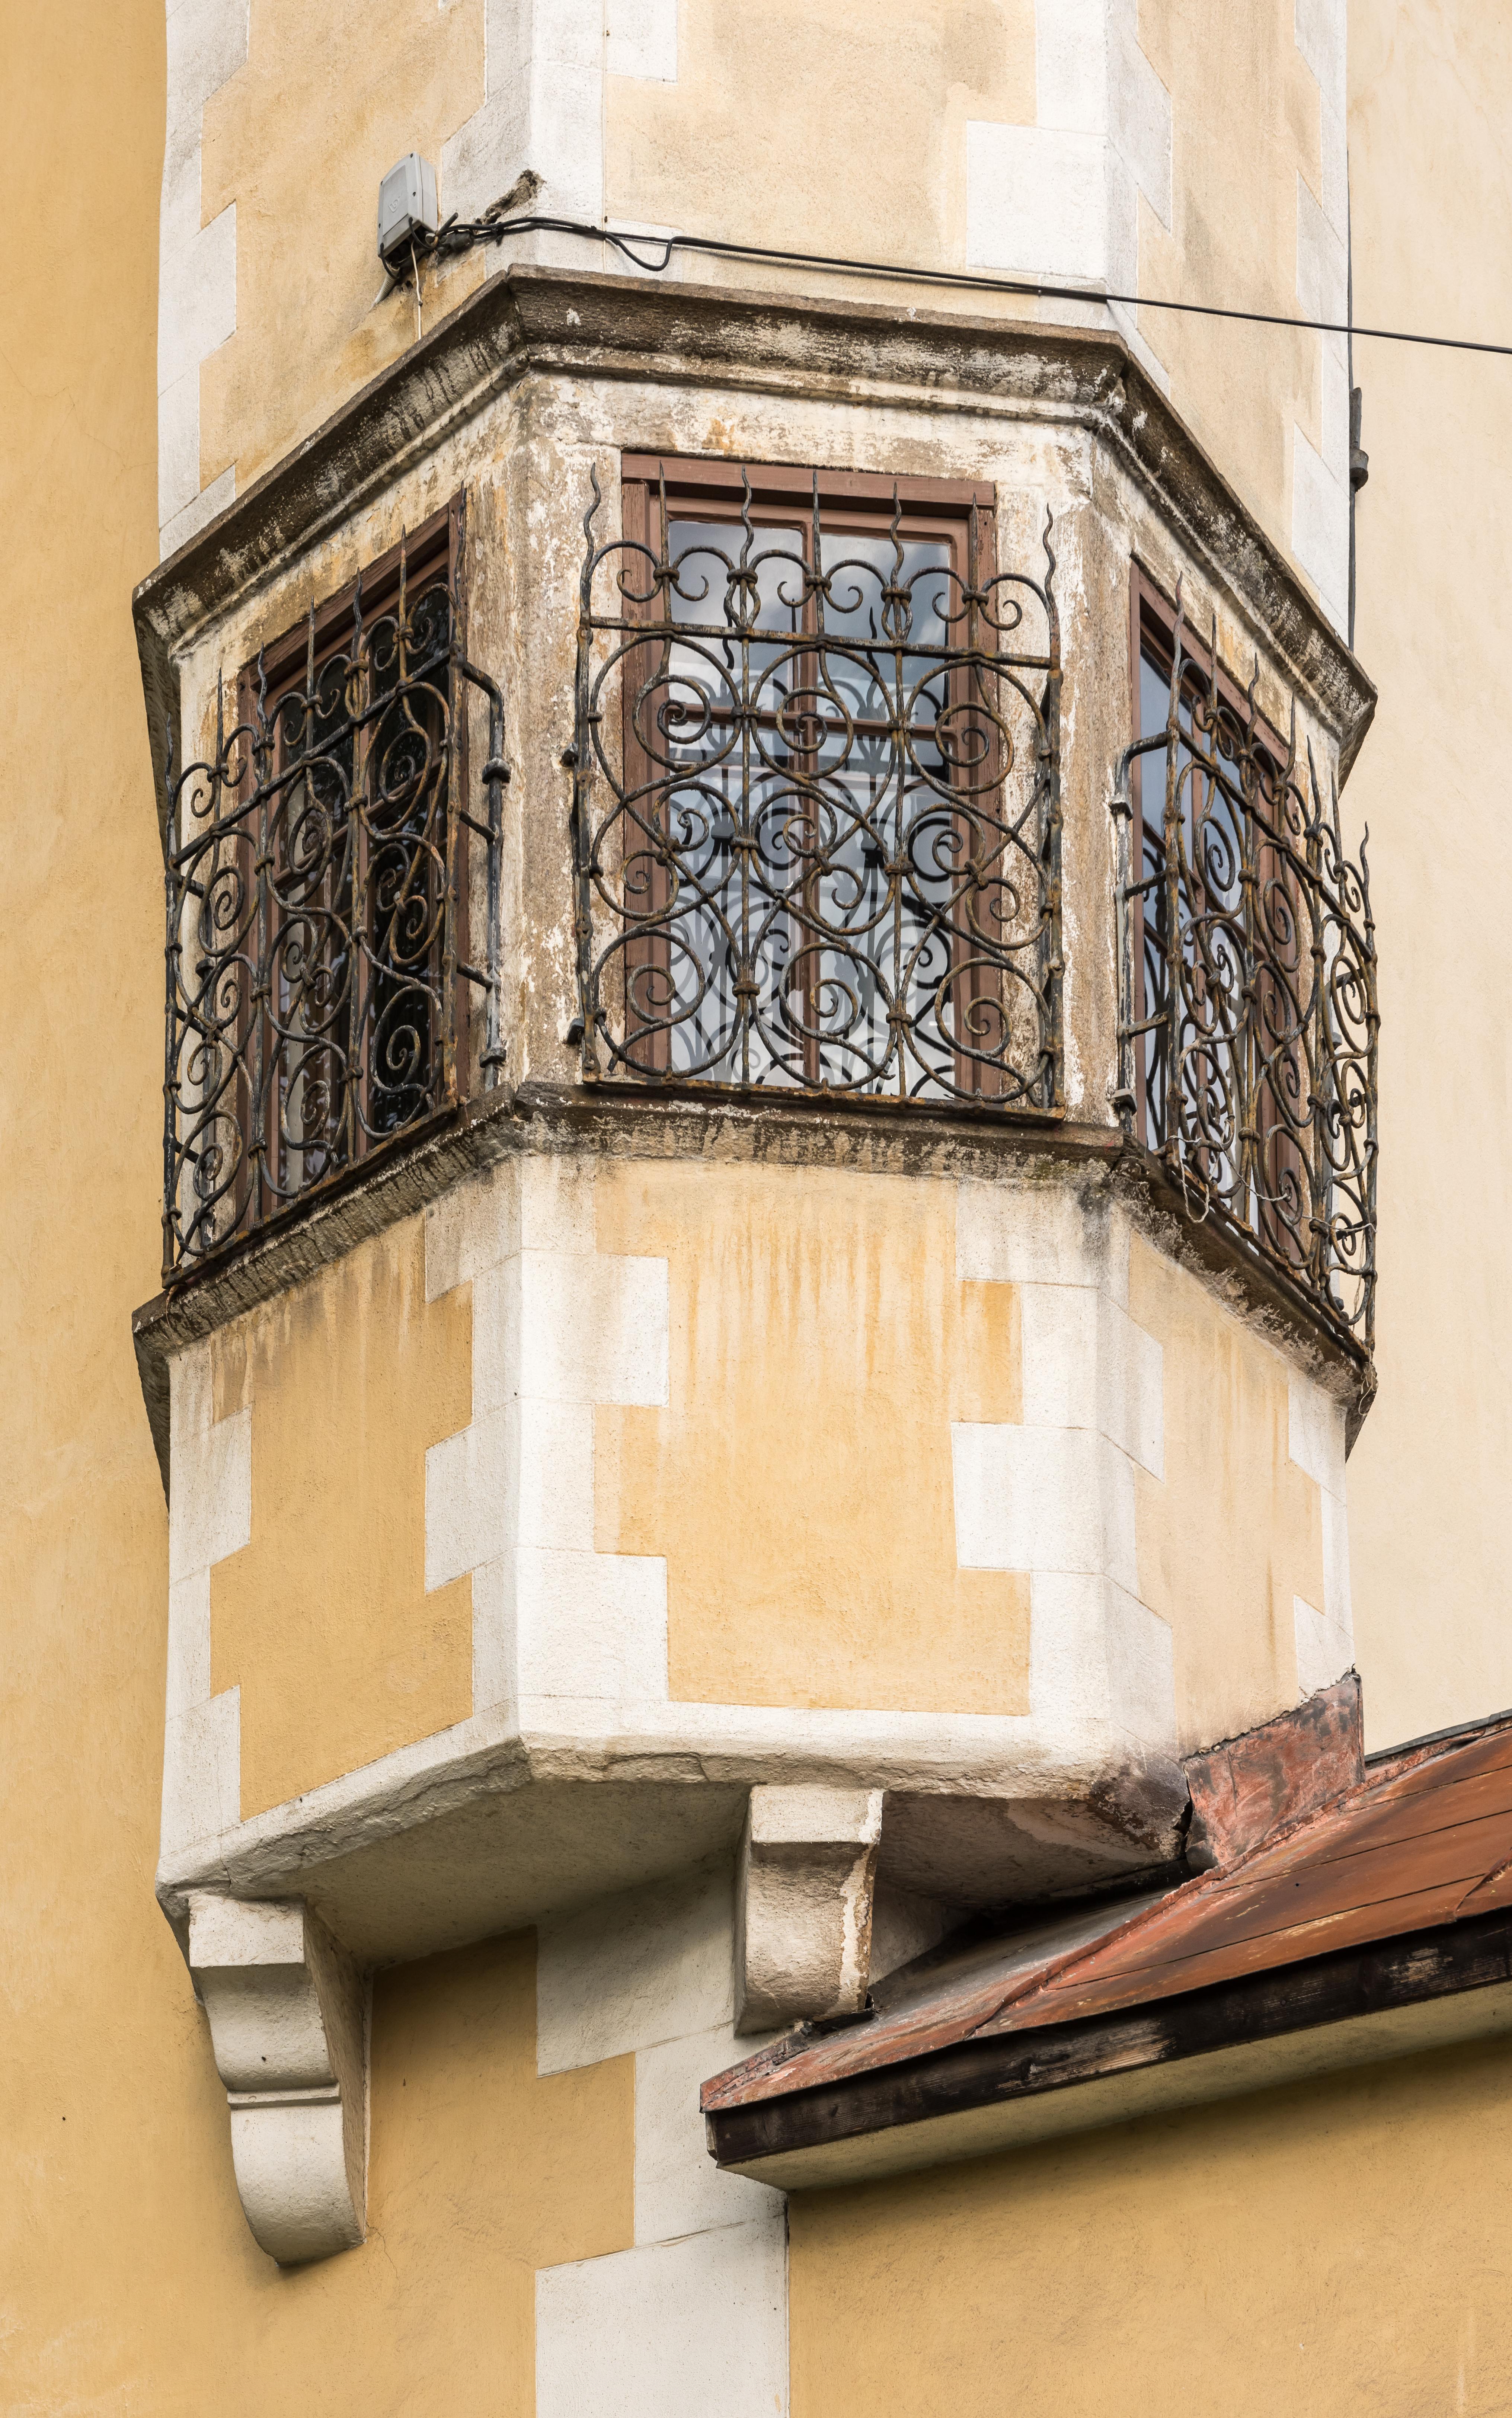 Wunderschön Erkerfenster Dekoration Von File:villach Voelkendorfer Strasse 86 Schloss Werthenau No-erkerfenster